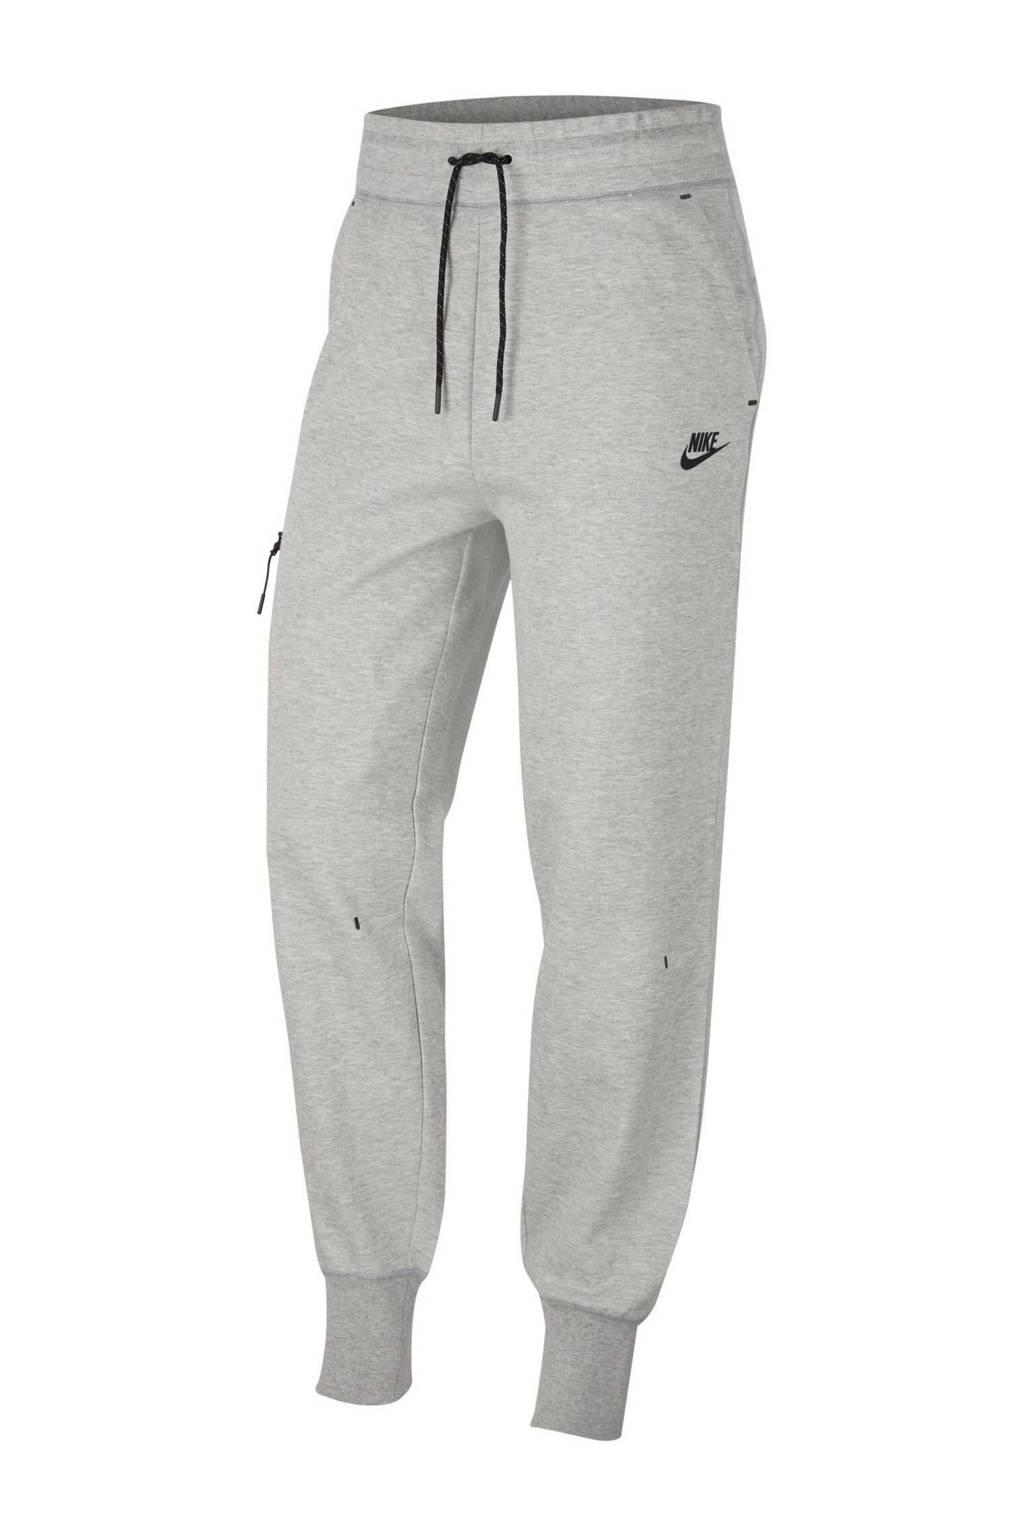 Nike joggingbroek grijs melange, Grijs melange